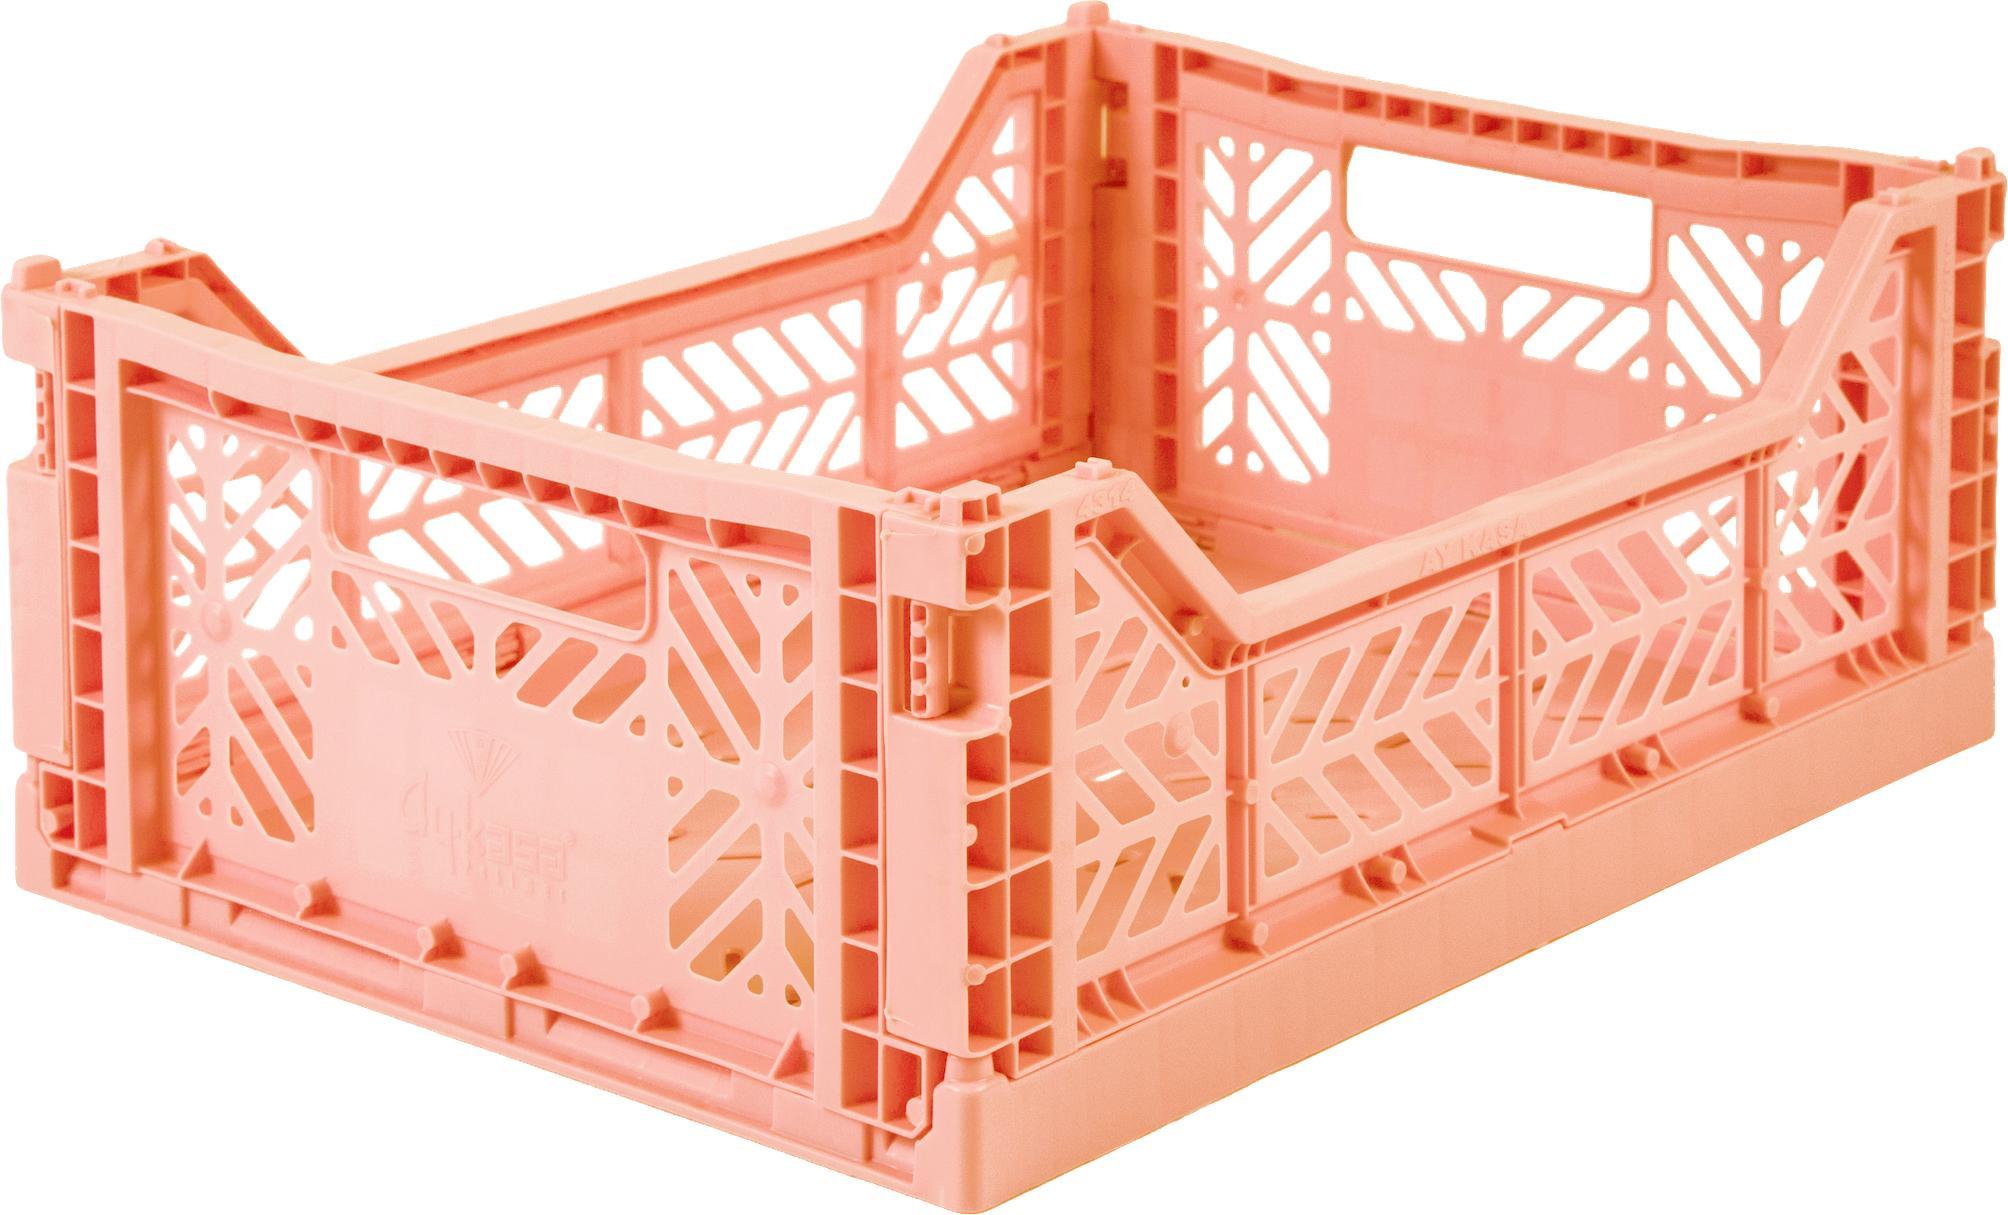 Średnie składane pudełko do przechowywania Salmon, Tworzywo sztuczne z recyklingu, Odcienie łososiowego, S 40 x W 14 cm